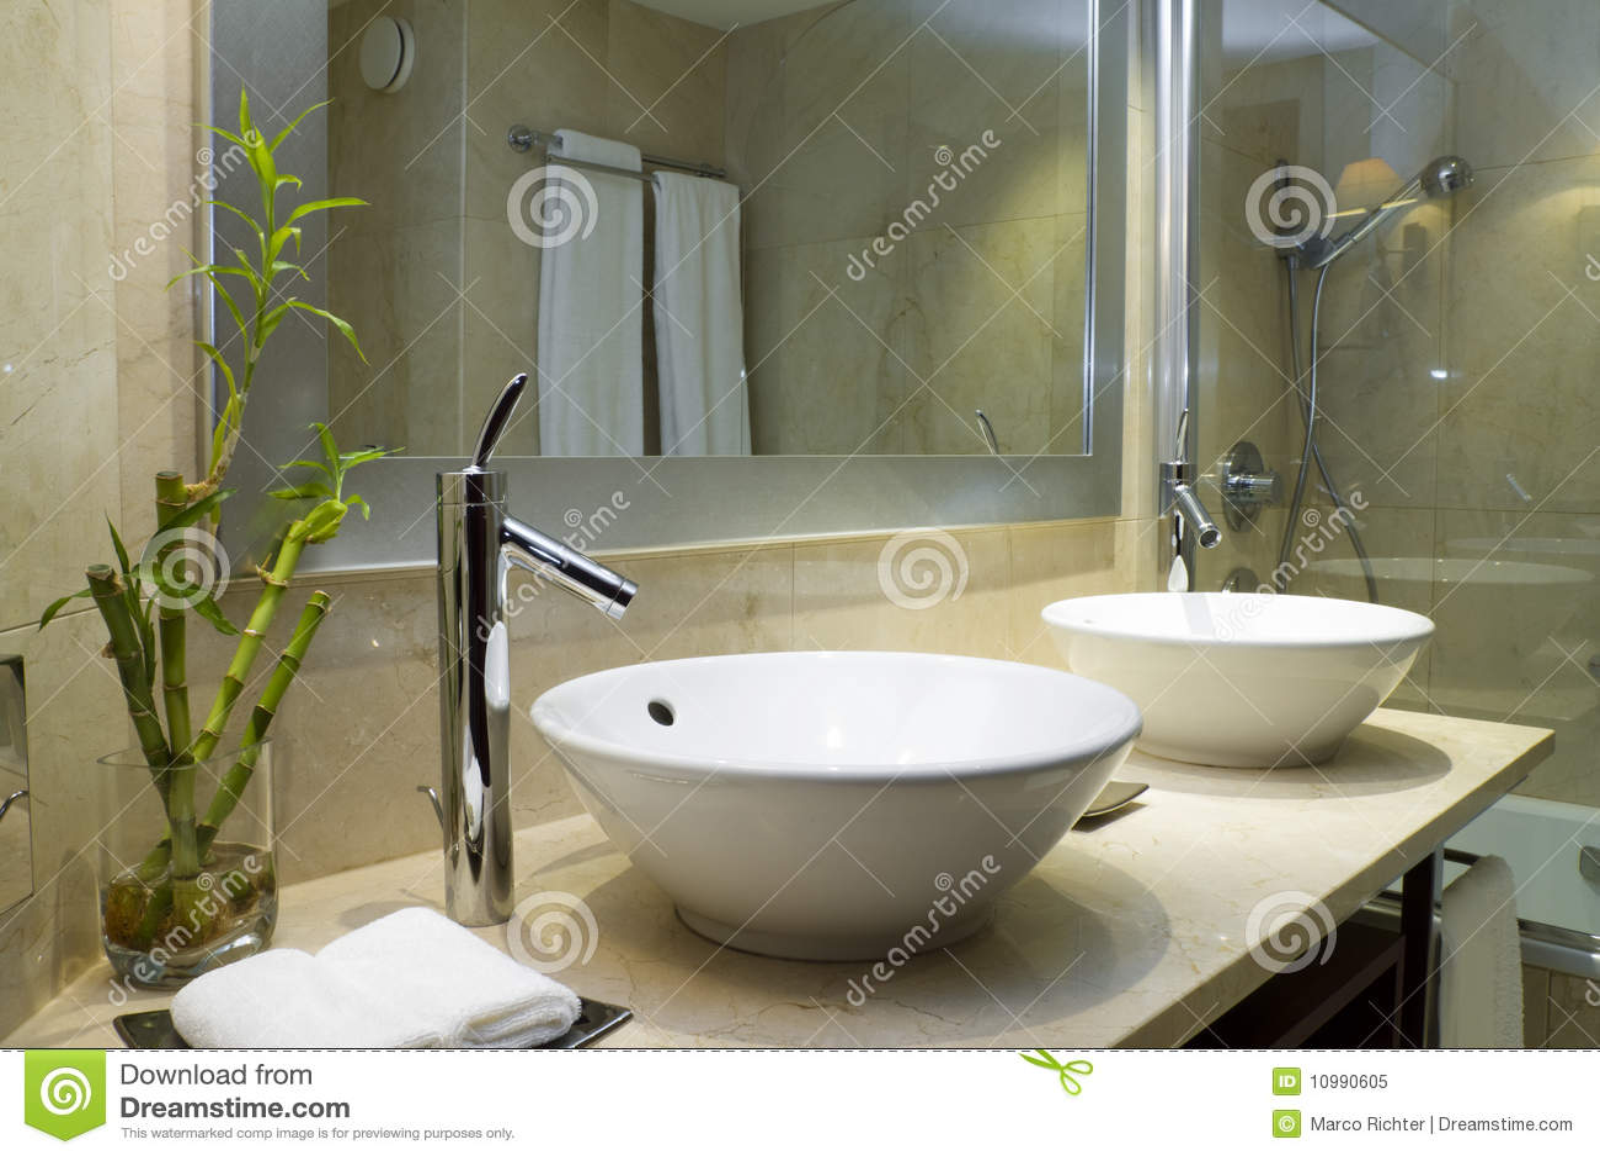 Disegno di una stanza da bagno